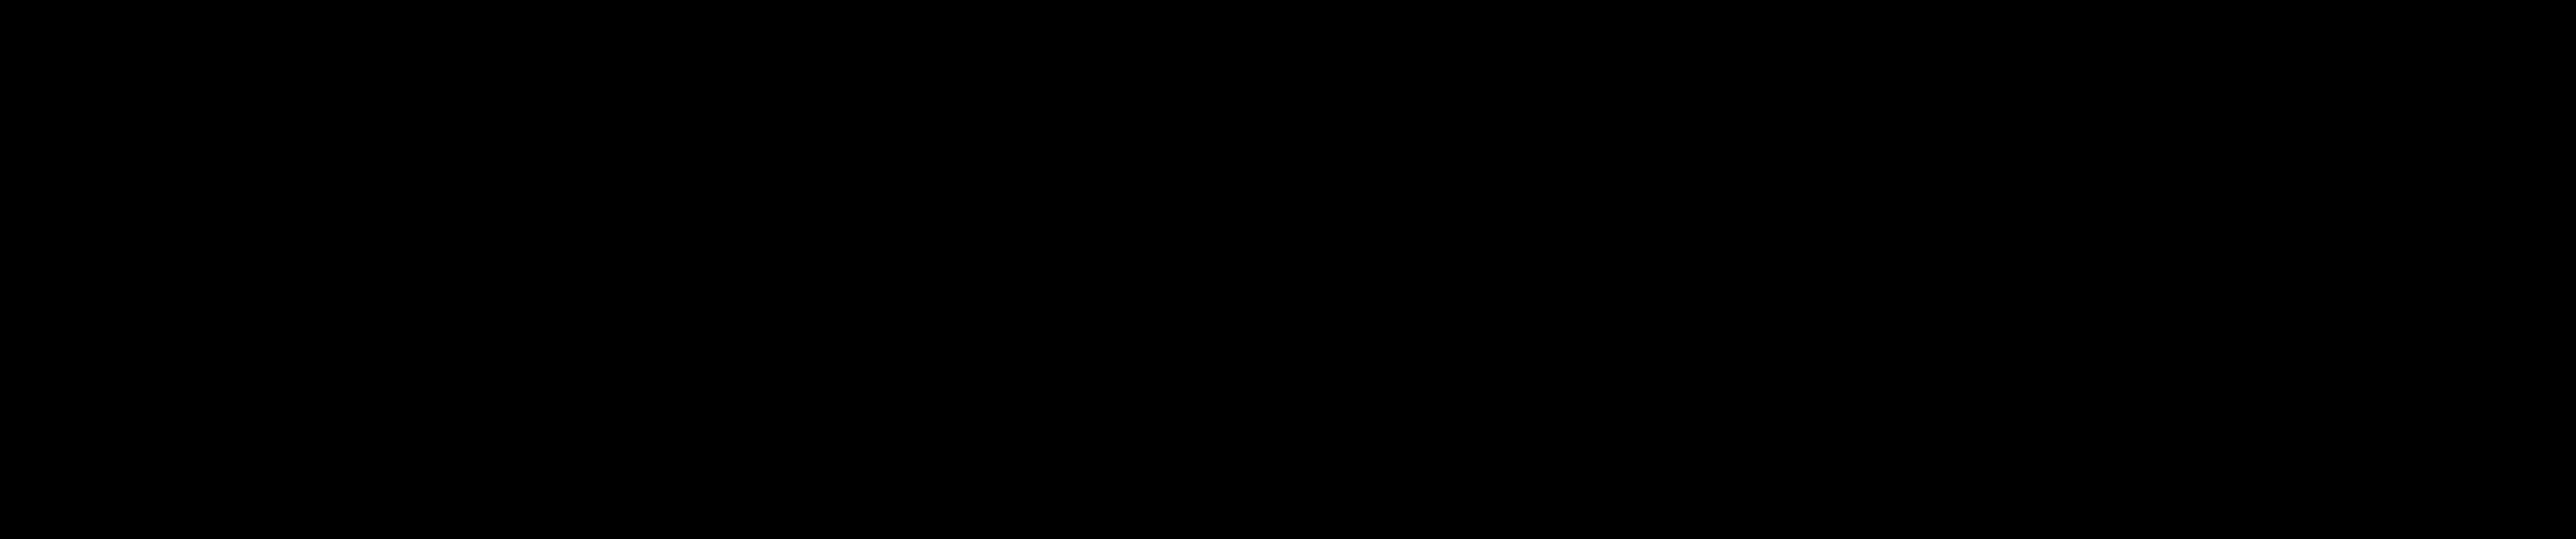 Curcumin-β-D-di-glucuronide